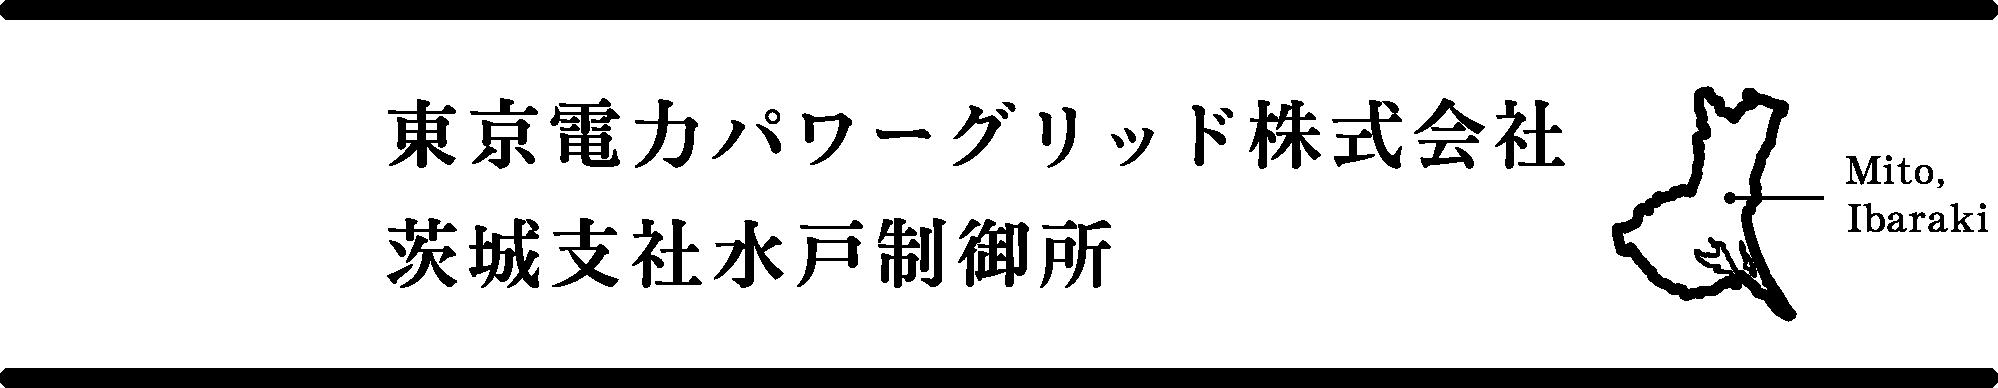 東京電力パワーグリッド株式会社 茨城支社水戸制御所